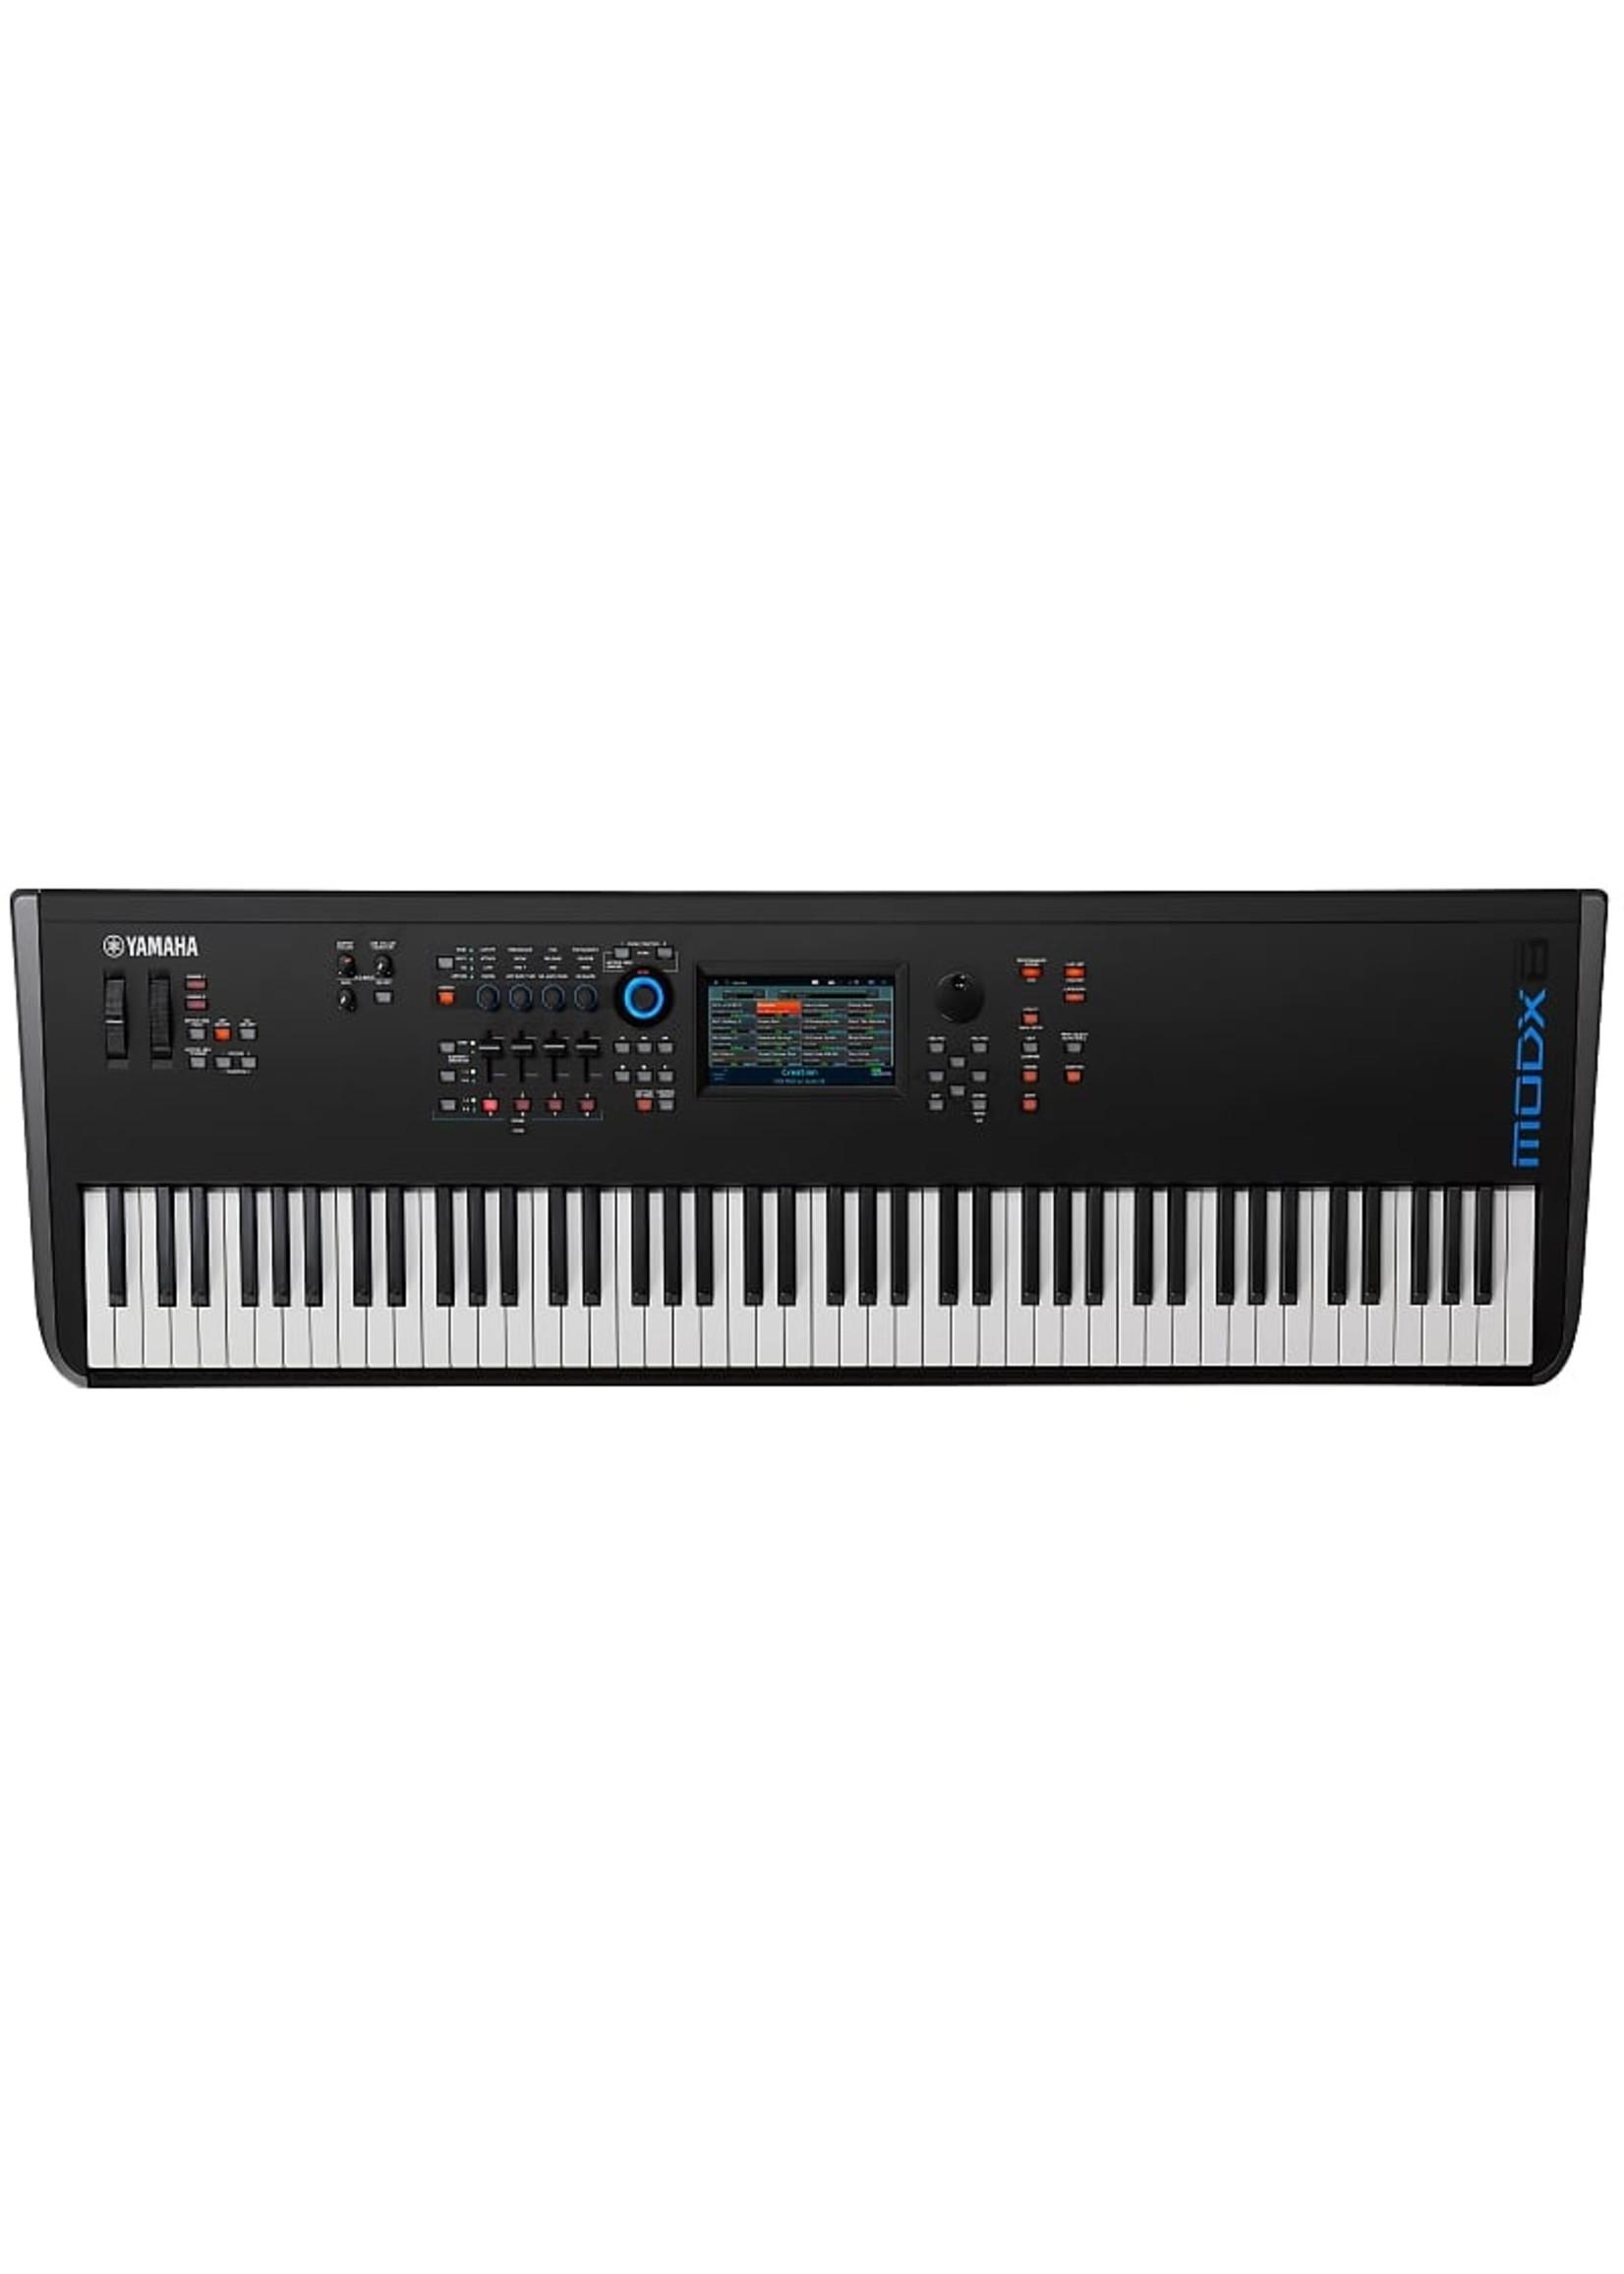 Yamaha Yamaha MODX8 88-key Weighted Action Synthesizer